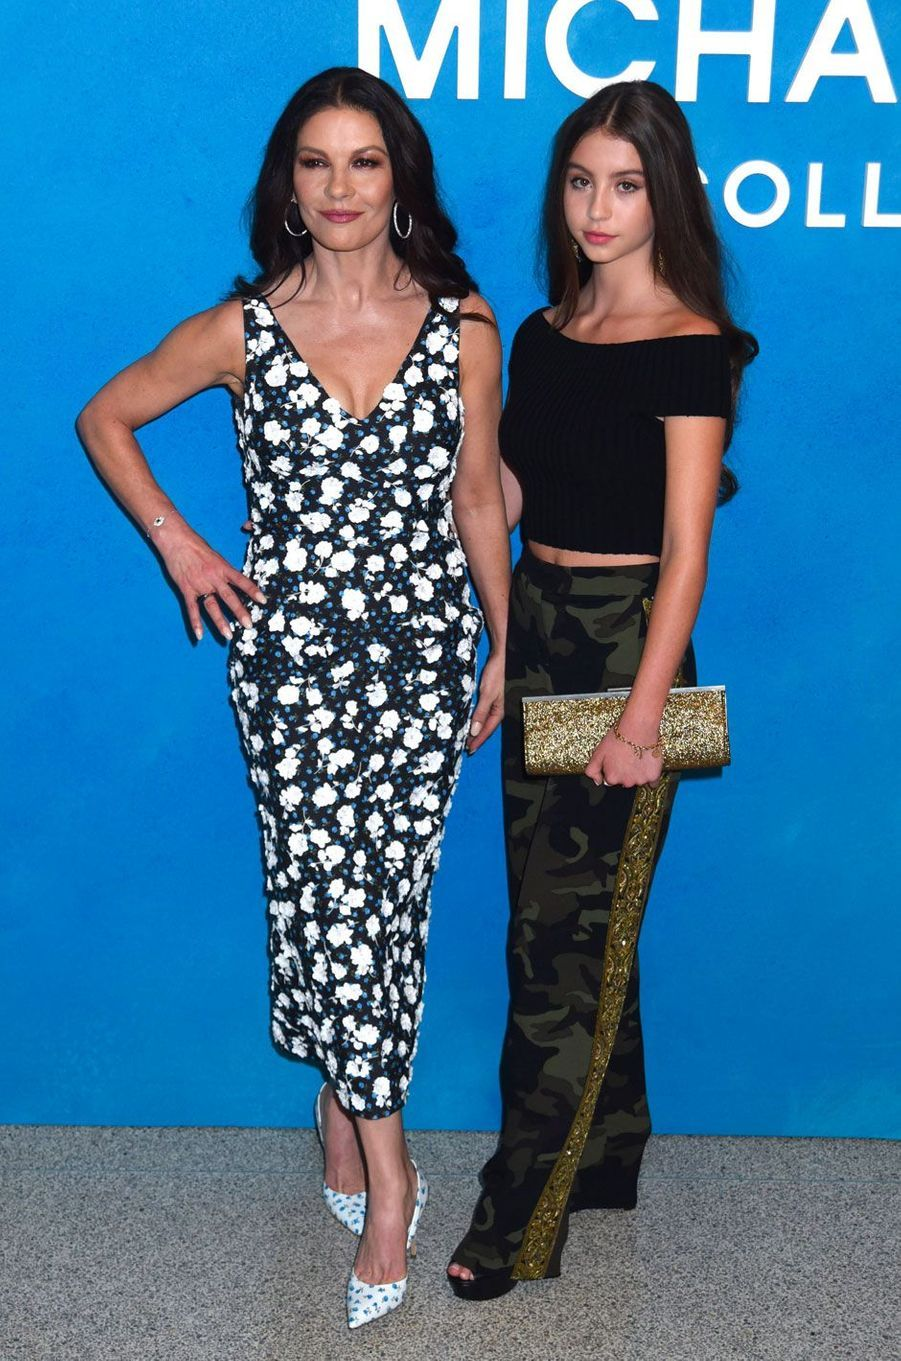 Catherine Zeta-Jones et sa fille Carys au défilé Michael Kors le 12 septembre 2018 à New York